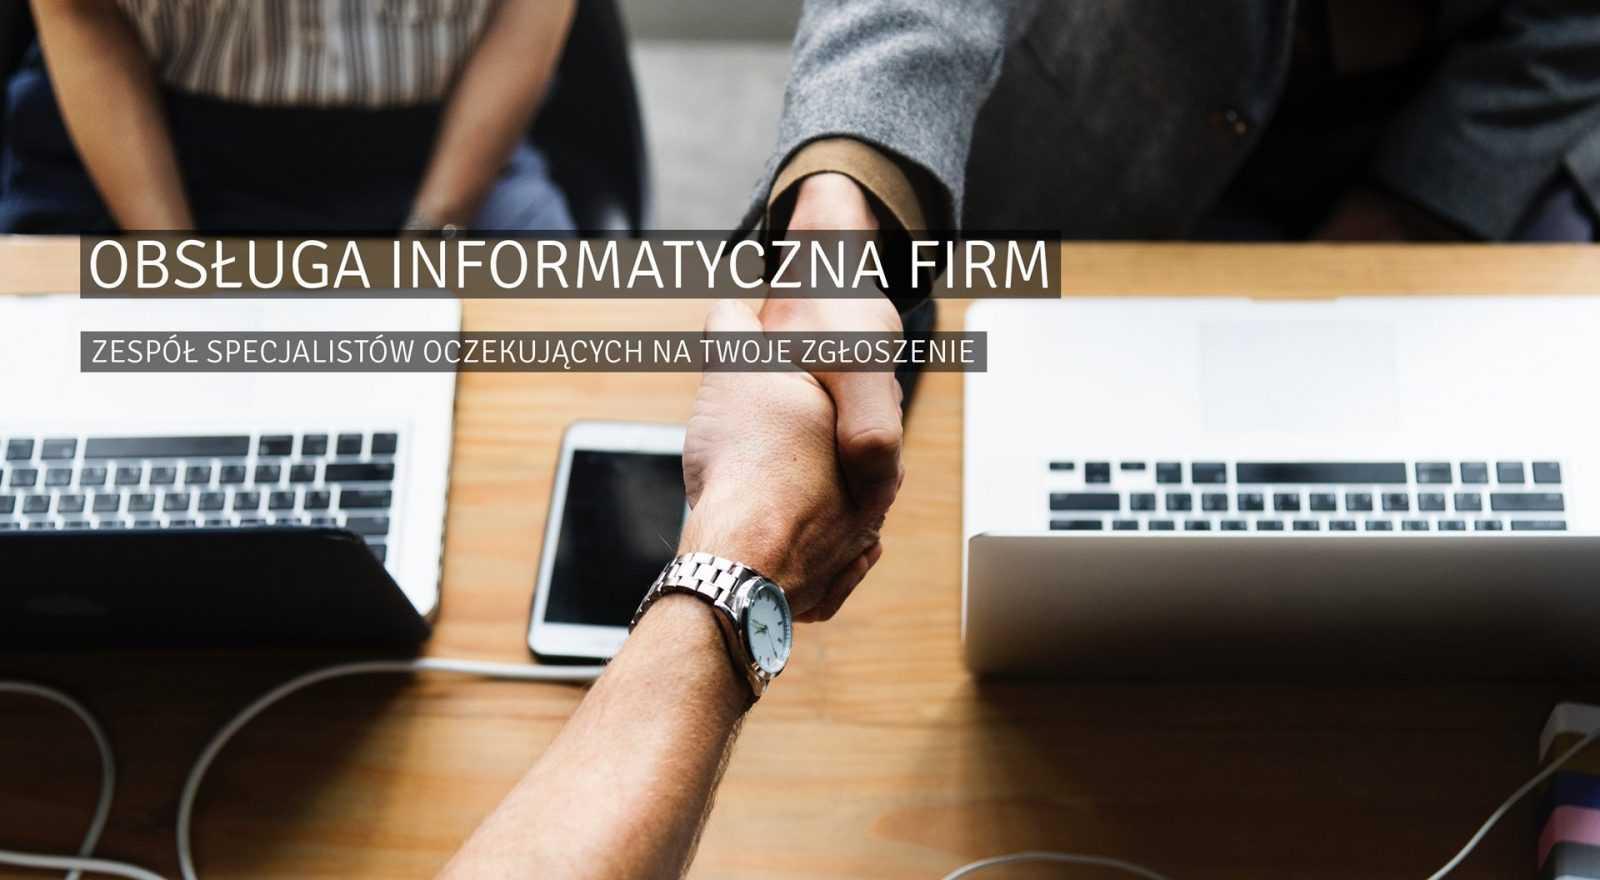 pomoc zdalna, obsługa informatyczna, opieka informatyczna, makeit24, informatyk